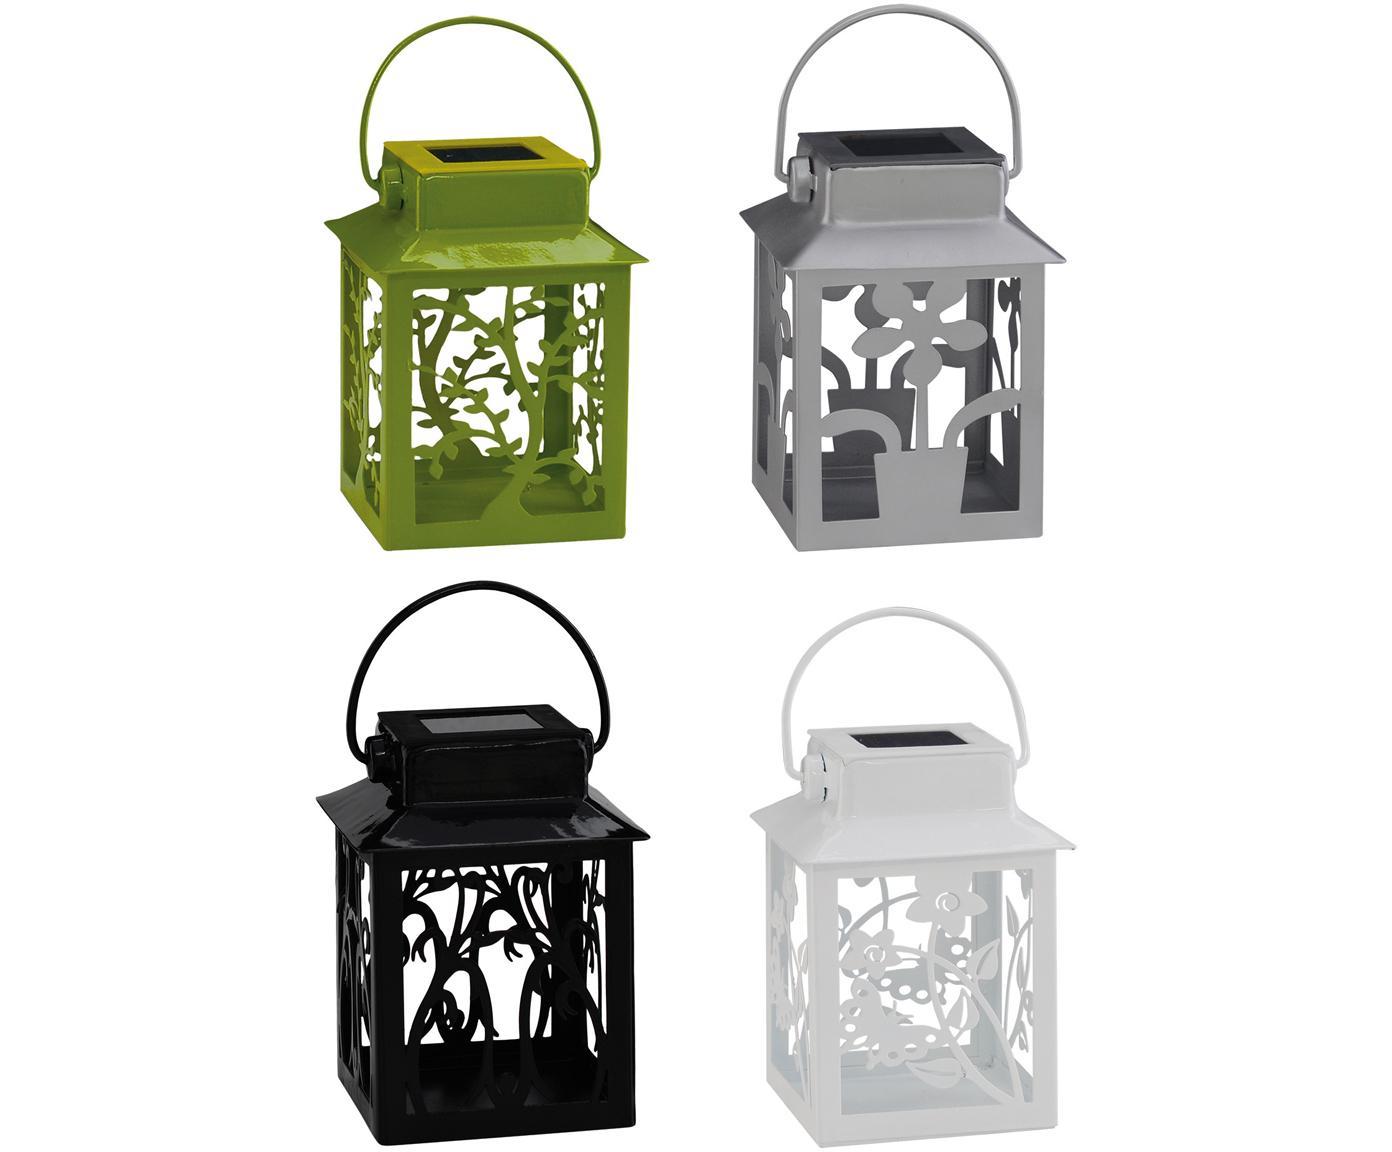 Komplet lamp solarnych LED Garden-Lantern, 4 elem., Stelaż: metal powlekany, Wielobarwny, D 8 x W 13 cm